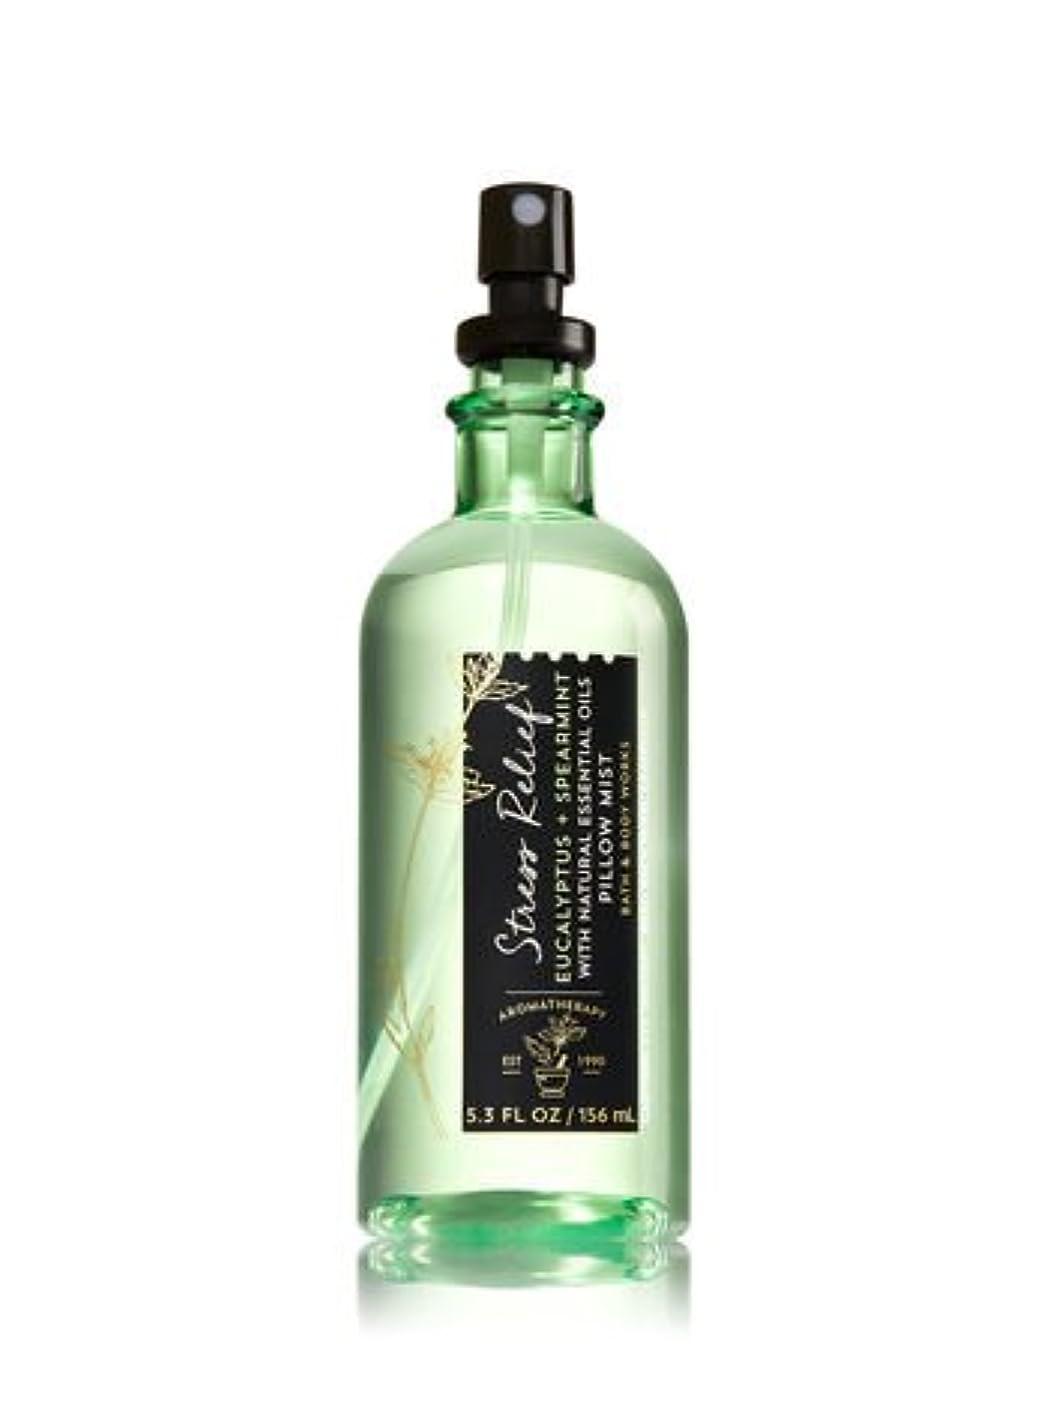 マオリ事実上境界【Bath&Body Works/バス&ボディワークス】 ピローミスト アロマセラピー ストレスリリーフ ユーカリスペアミント Aromatherapy Pillow Mist Stress Relief Eucalyptus Spearmint 5.3 fl oz / 156 mL [並行輸入品]